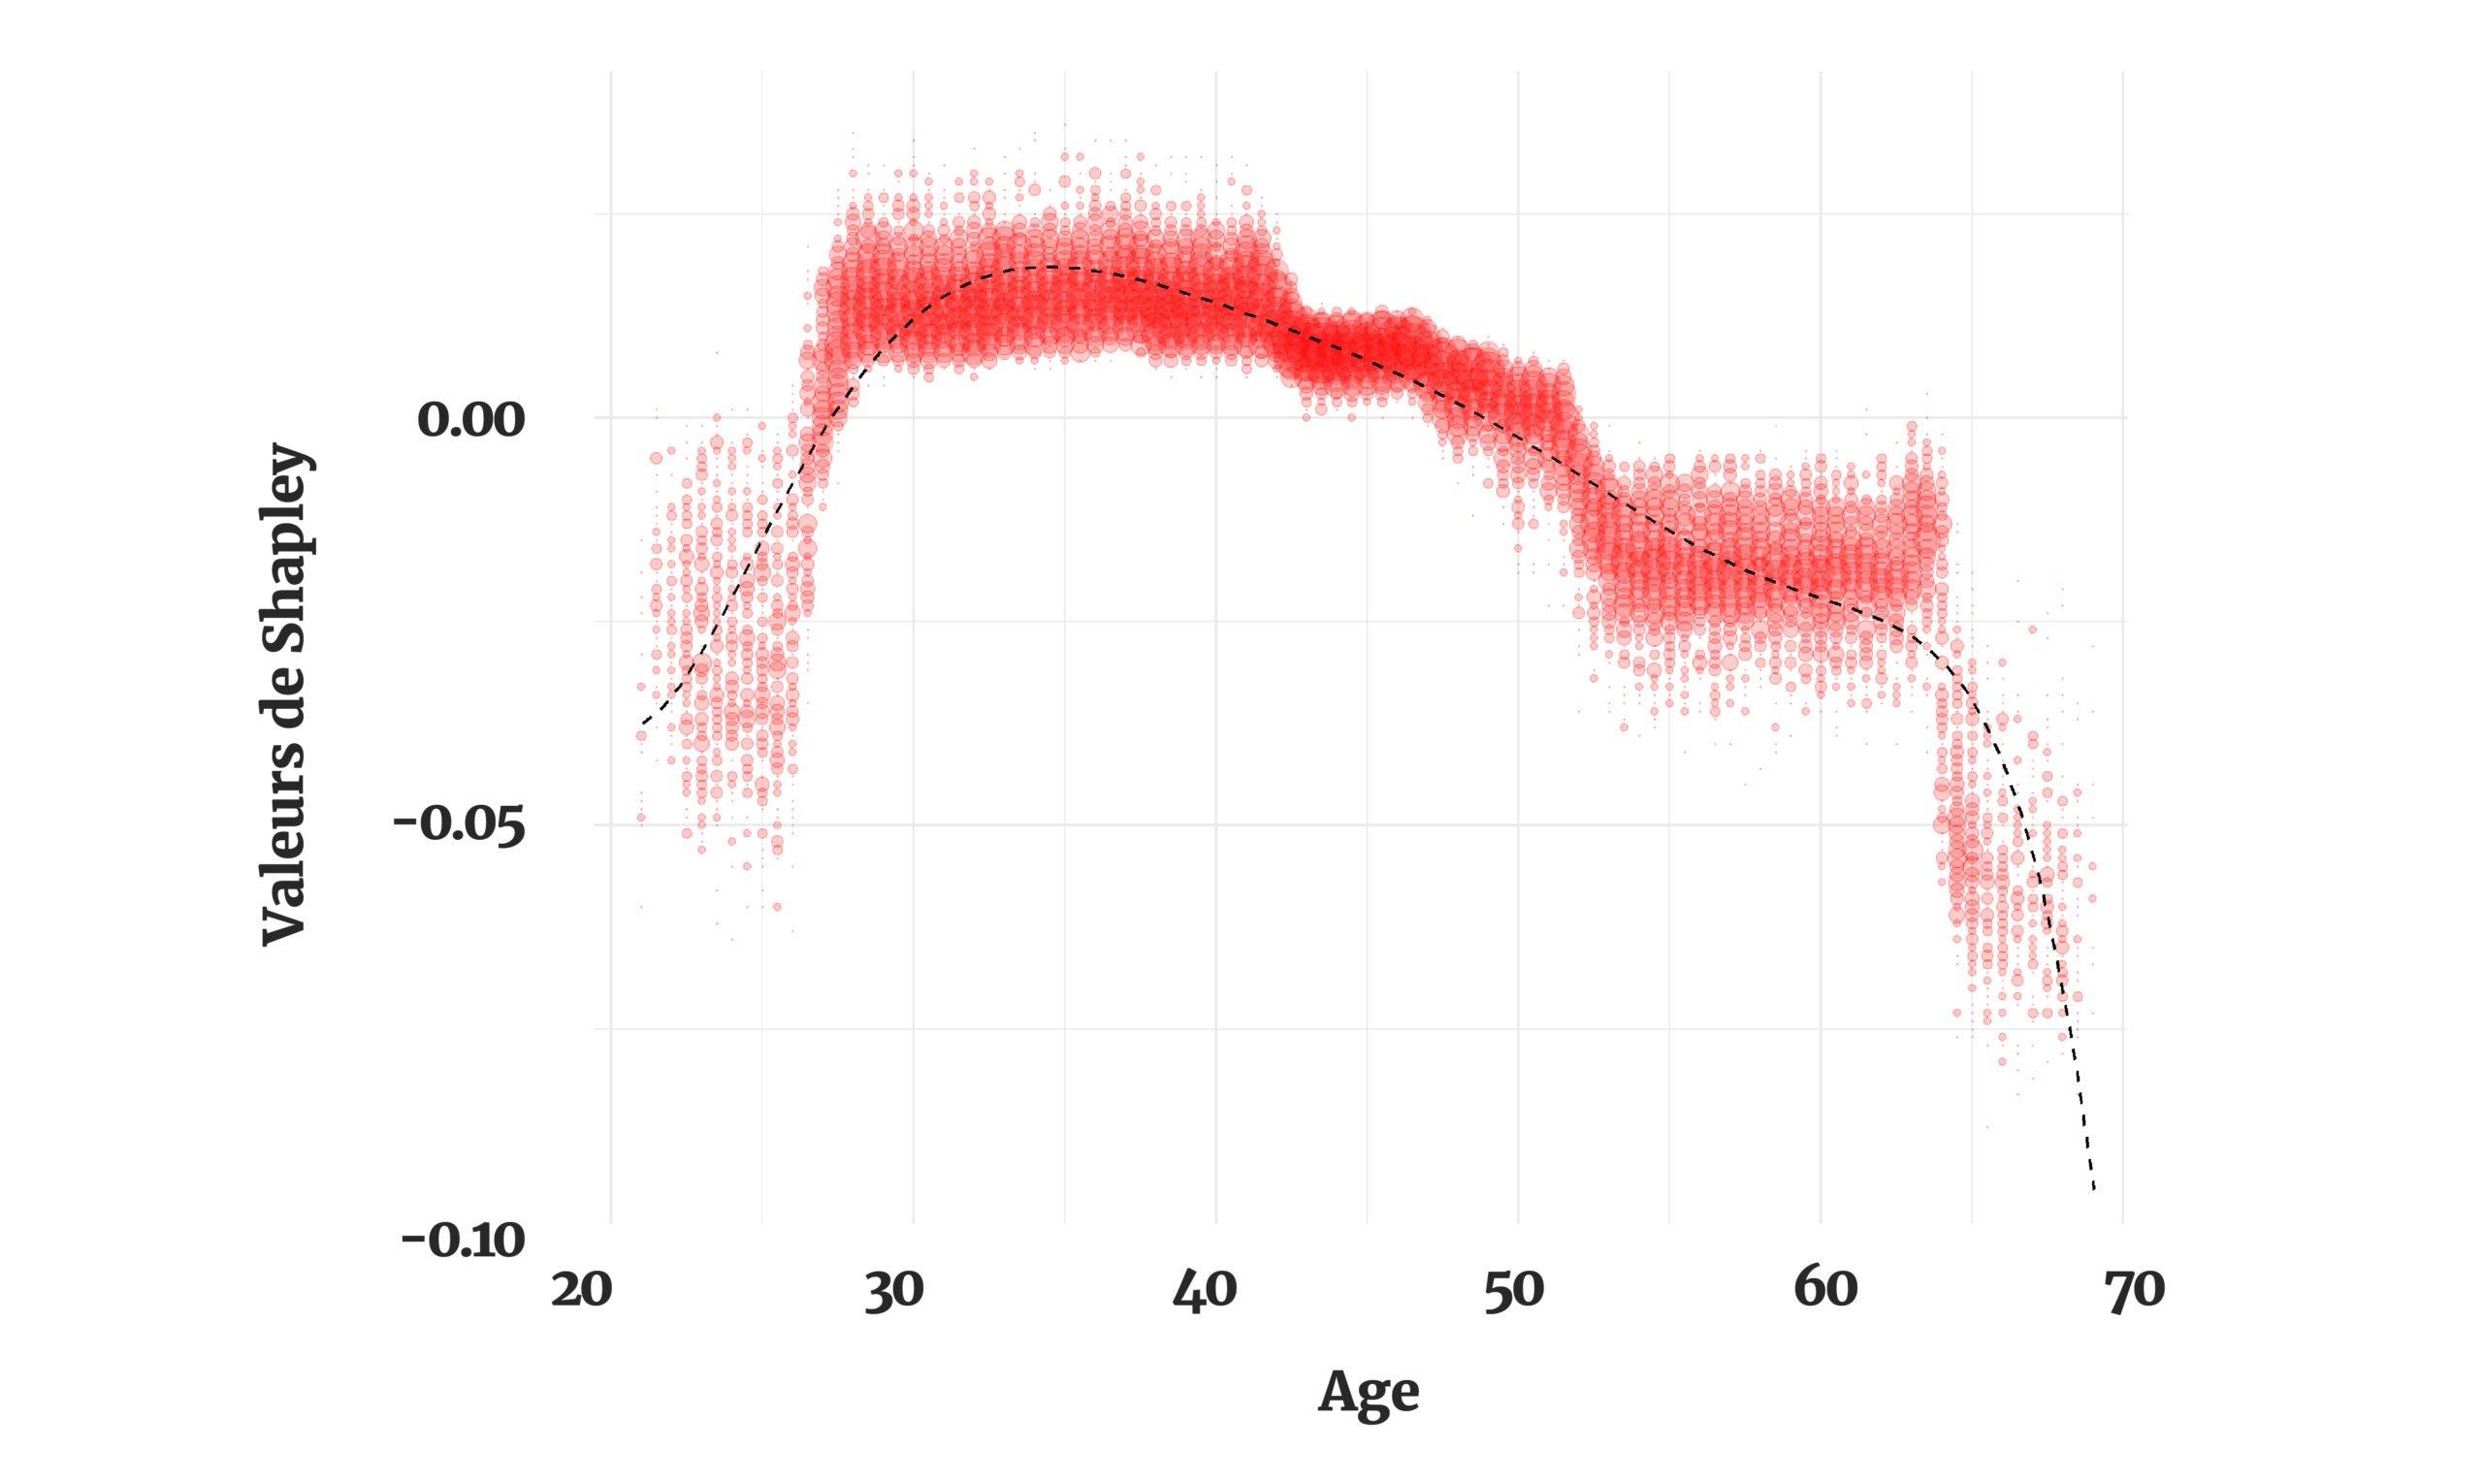 Valeurs de Shapley pour construire les segmentations du modèle